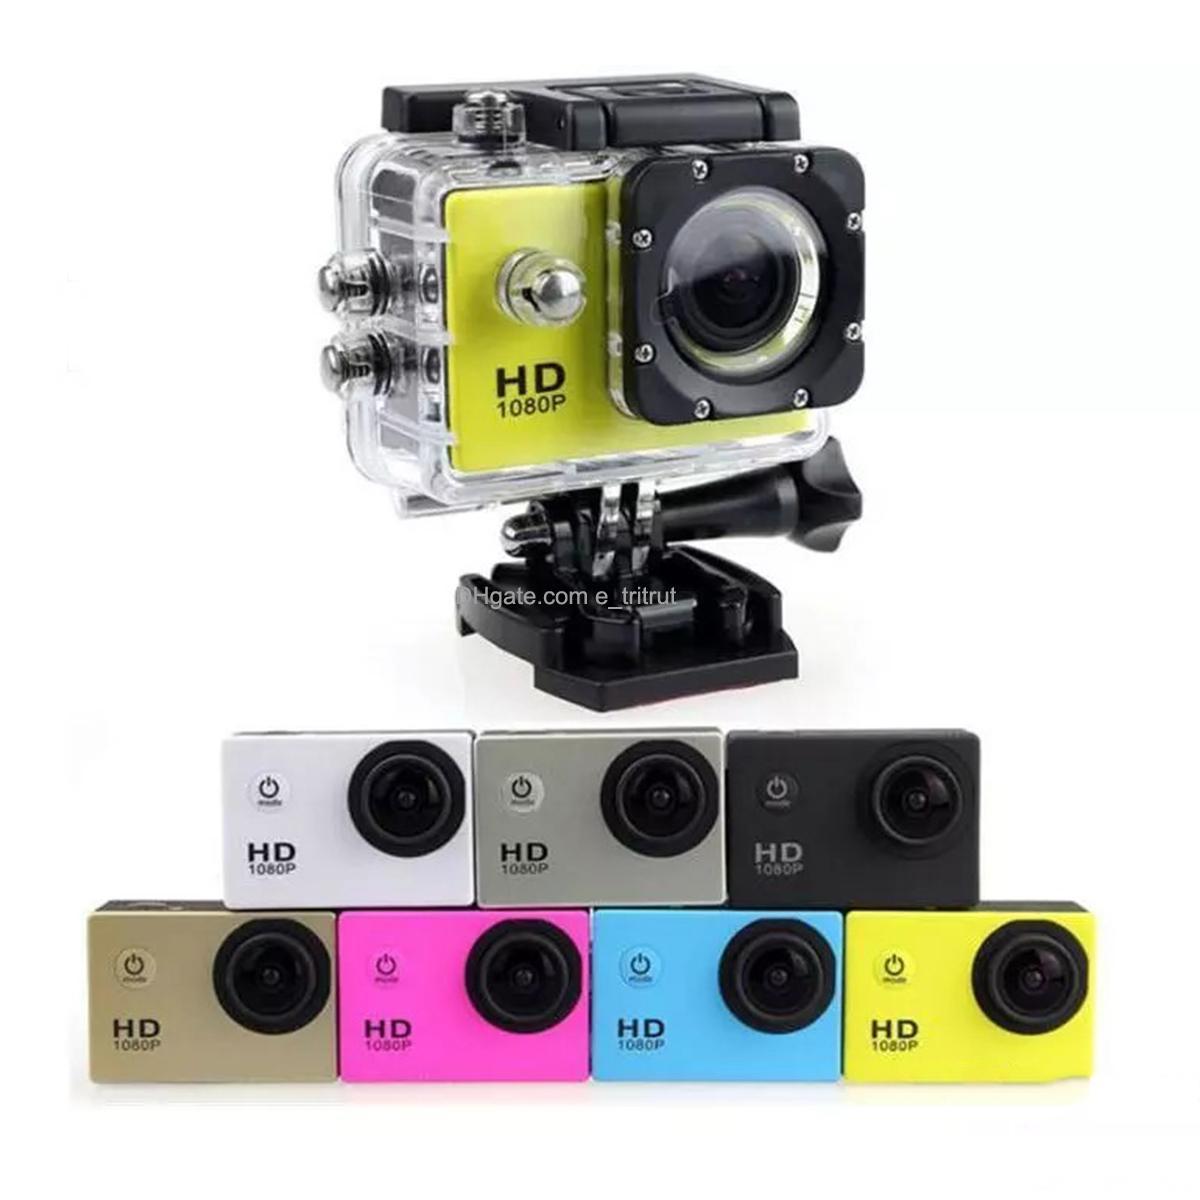 SJ4000 1080P Full HD Action Digital Sport Camera A9 стиль D001 2-дюймовый экран под водонепроницаемым 30М DV записи мини-коньки велосипеда фото 4K видео камера